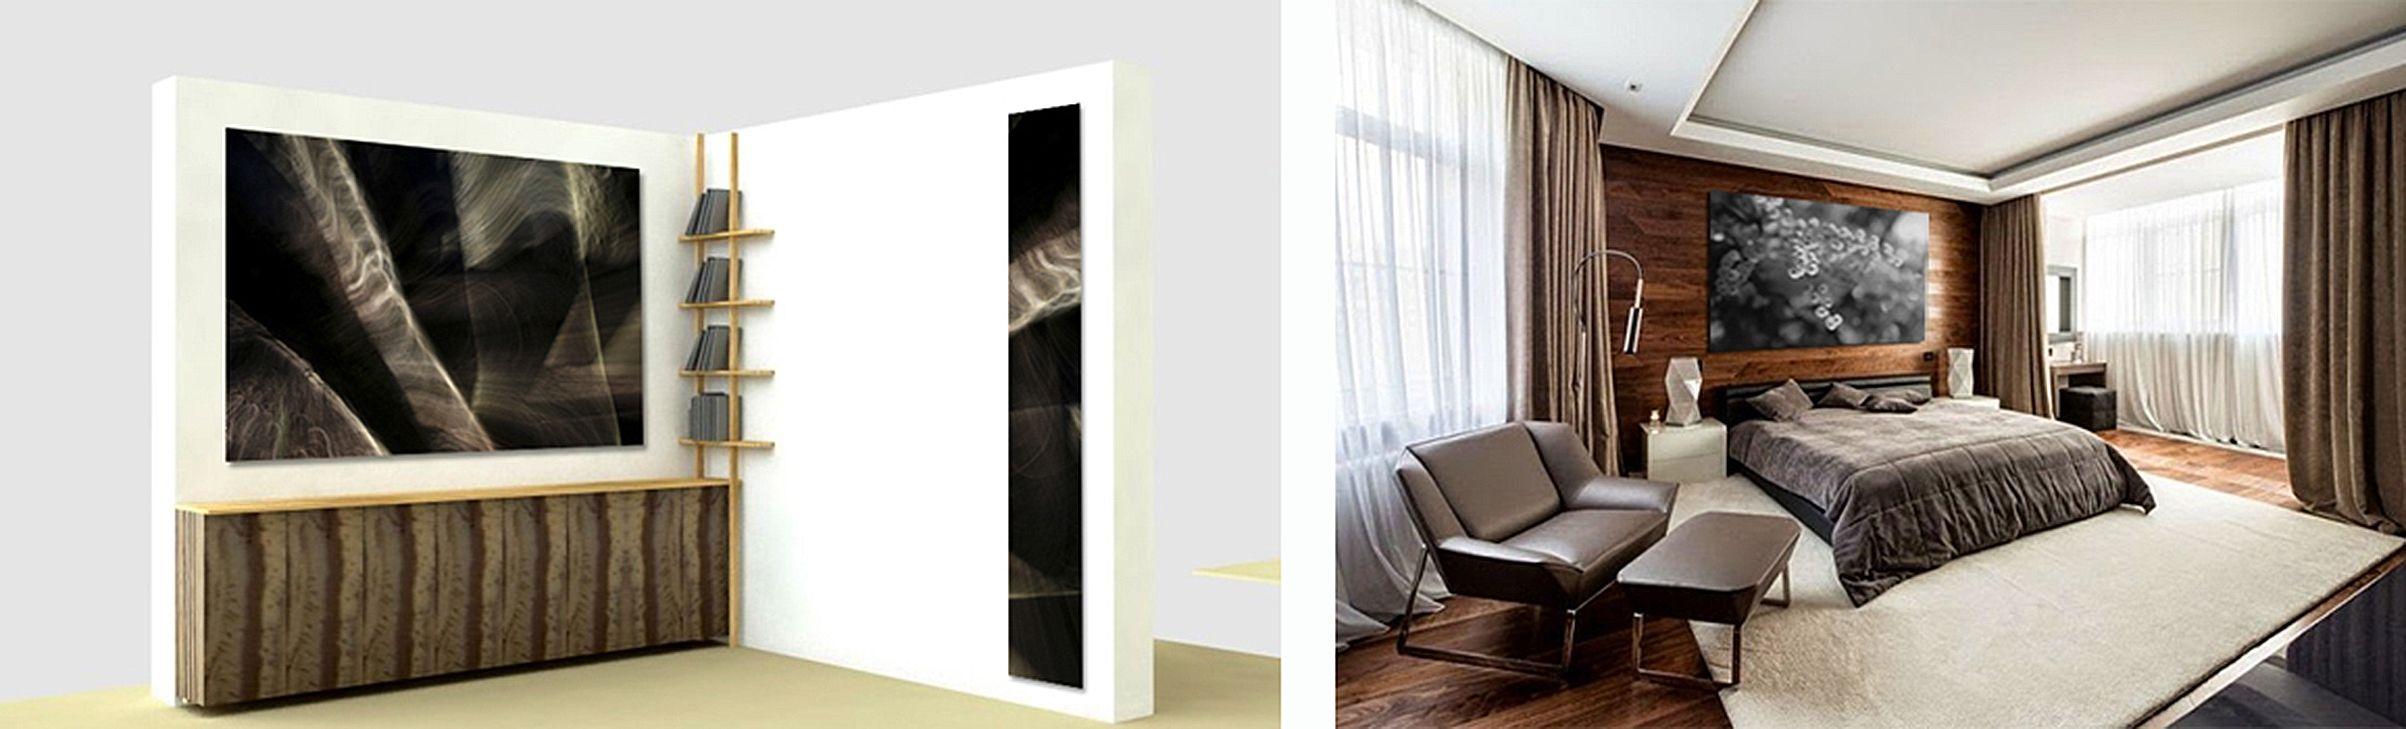 mueble_dormitorio